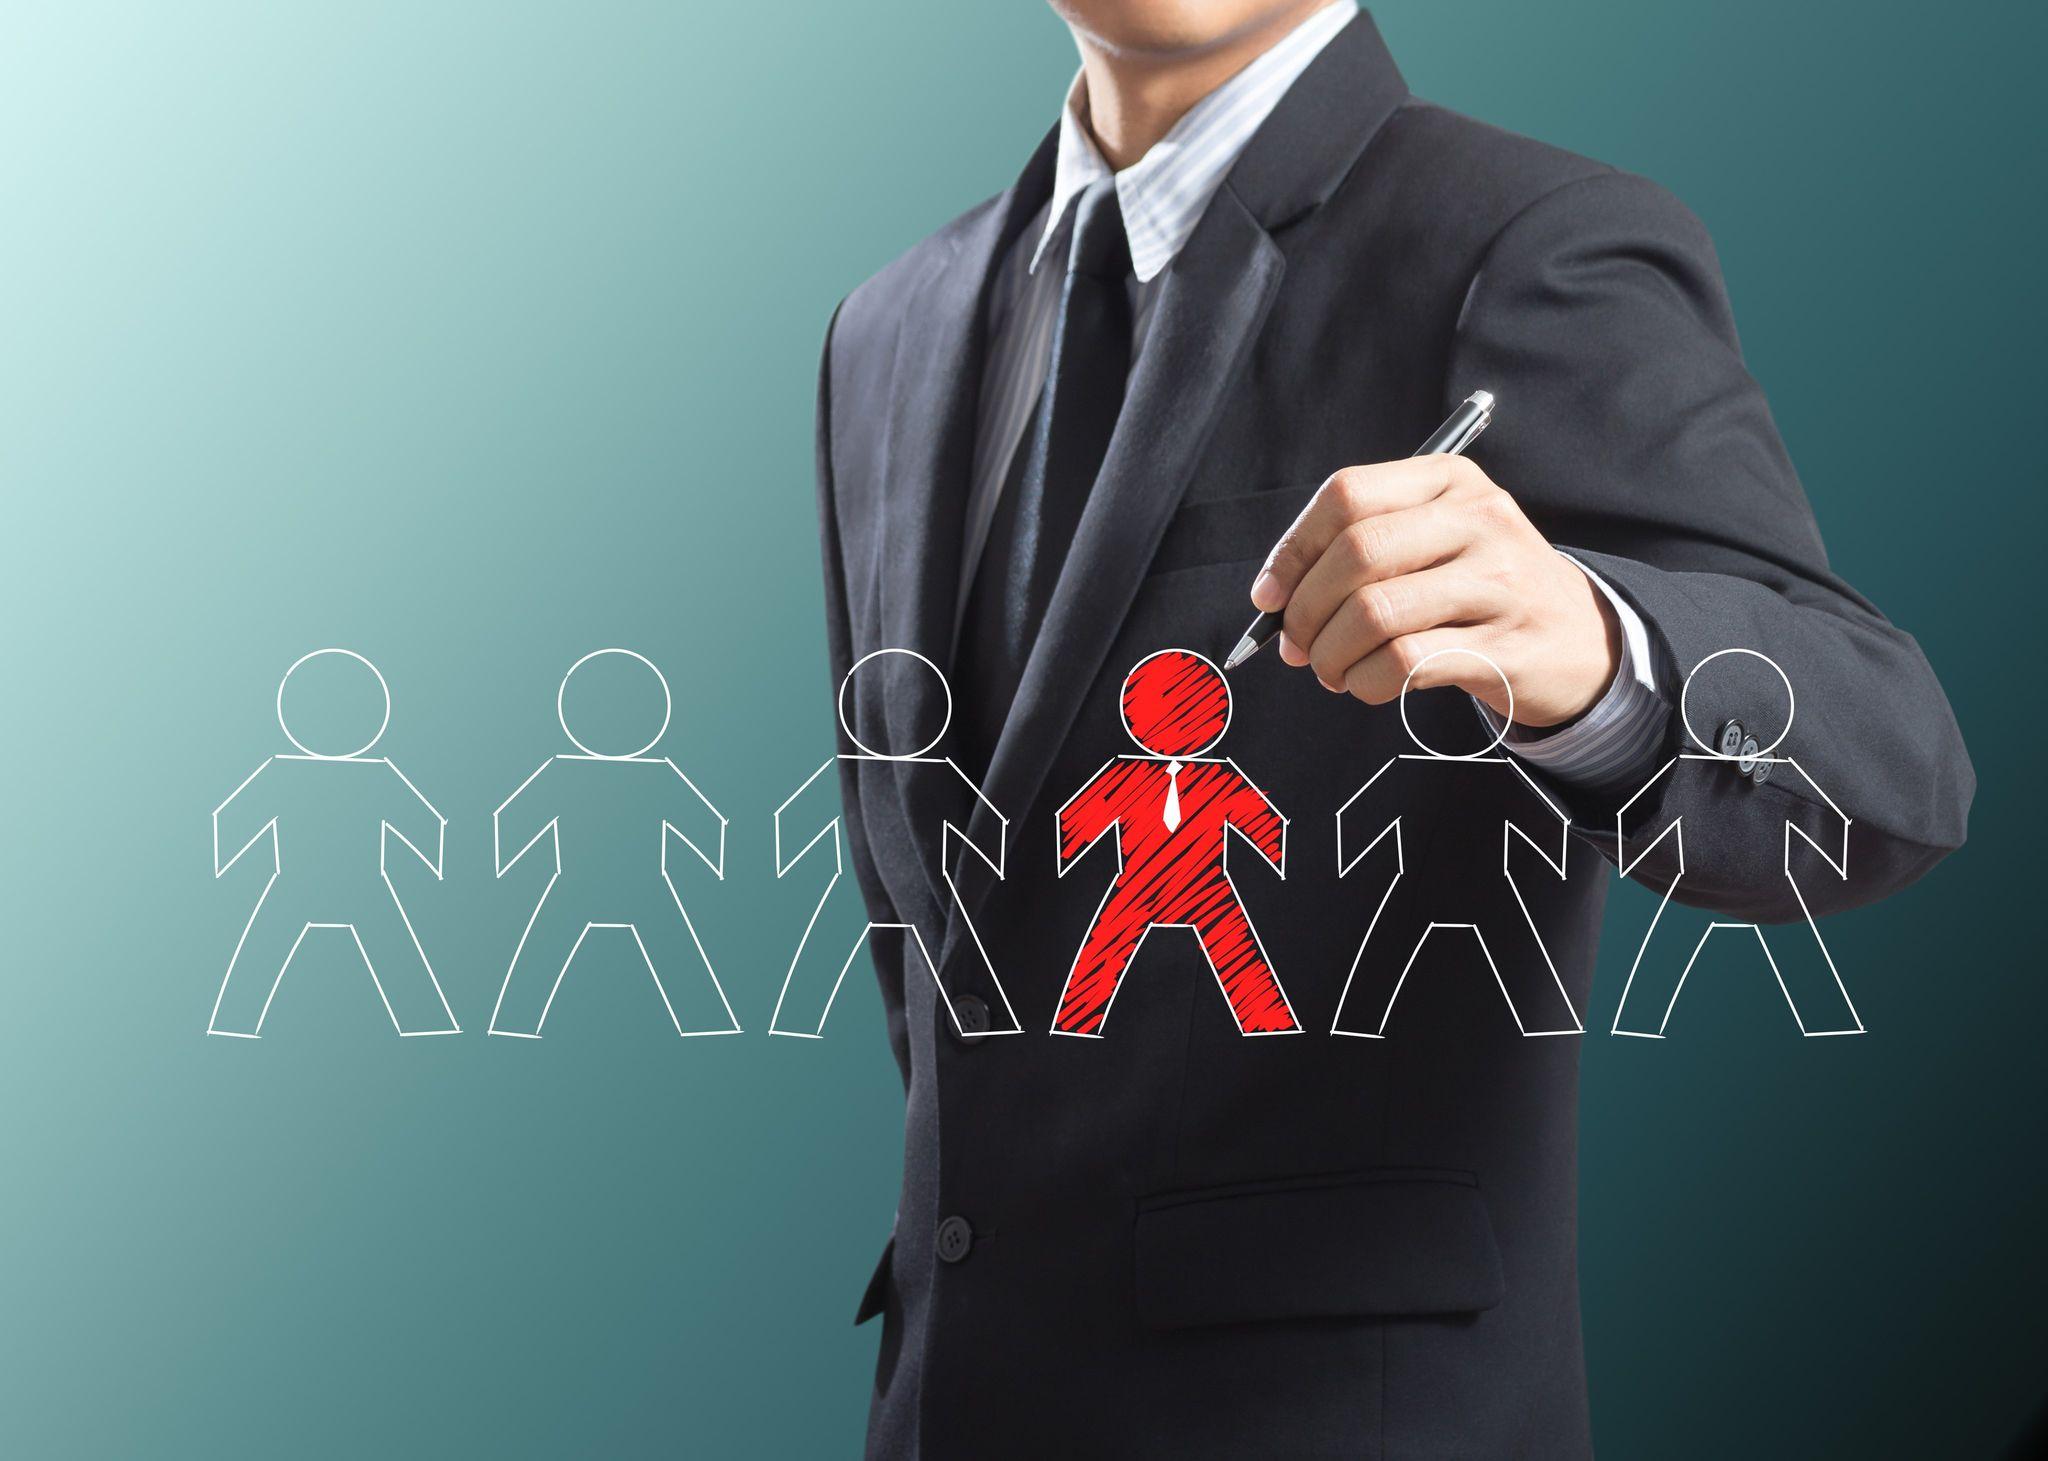 Cum îmi pot înregistra calitatea de expert tehnic judiciar în baza de date a Asociaţiei?